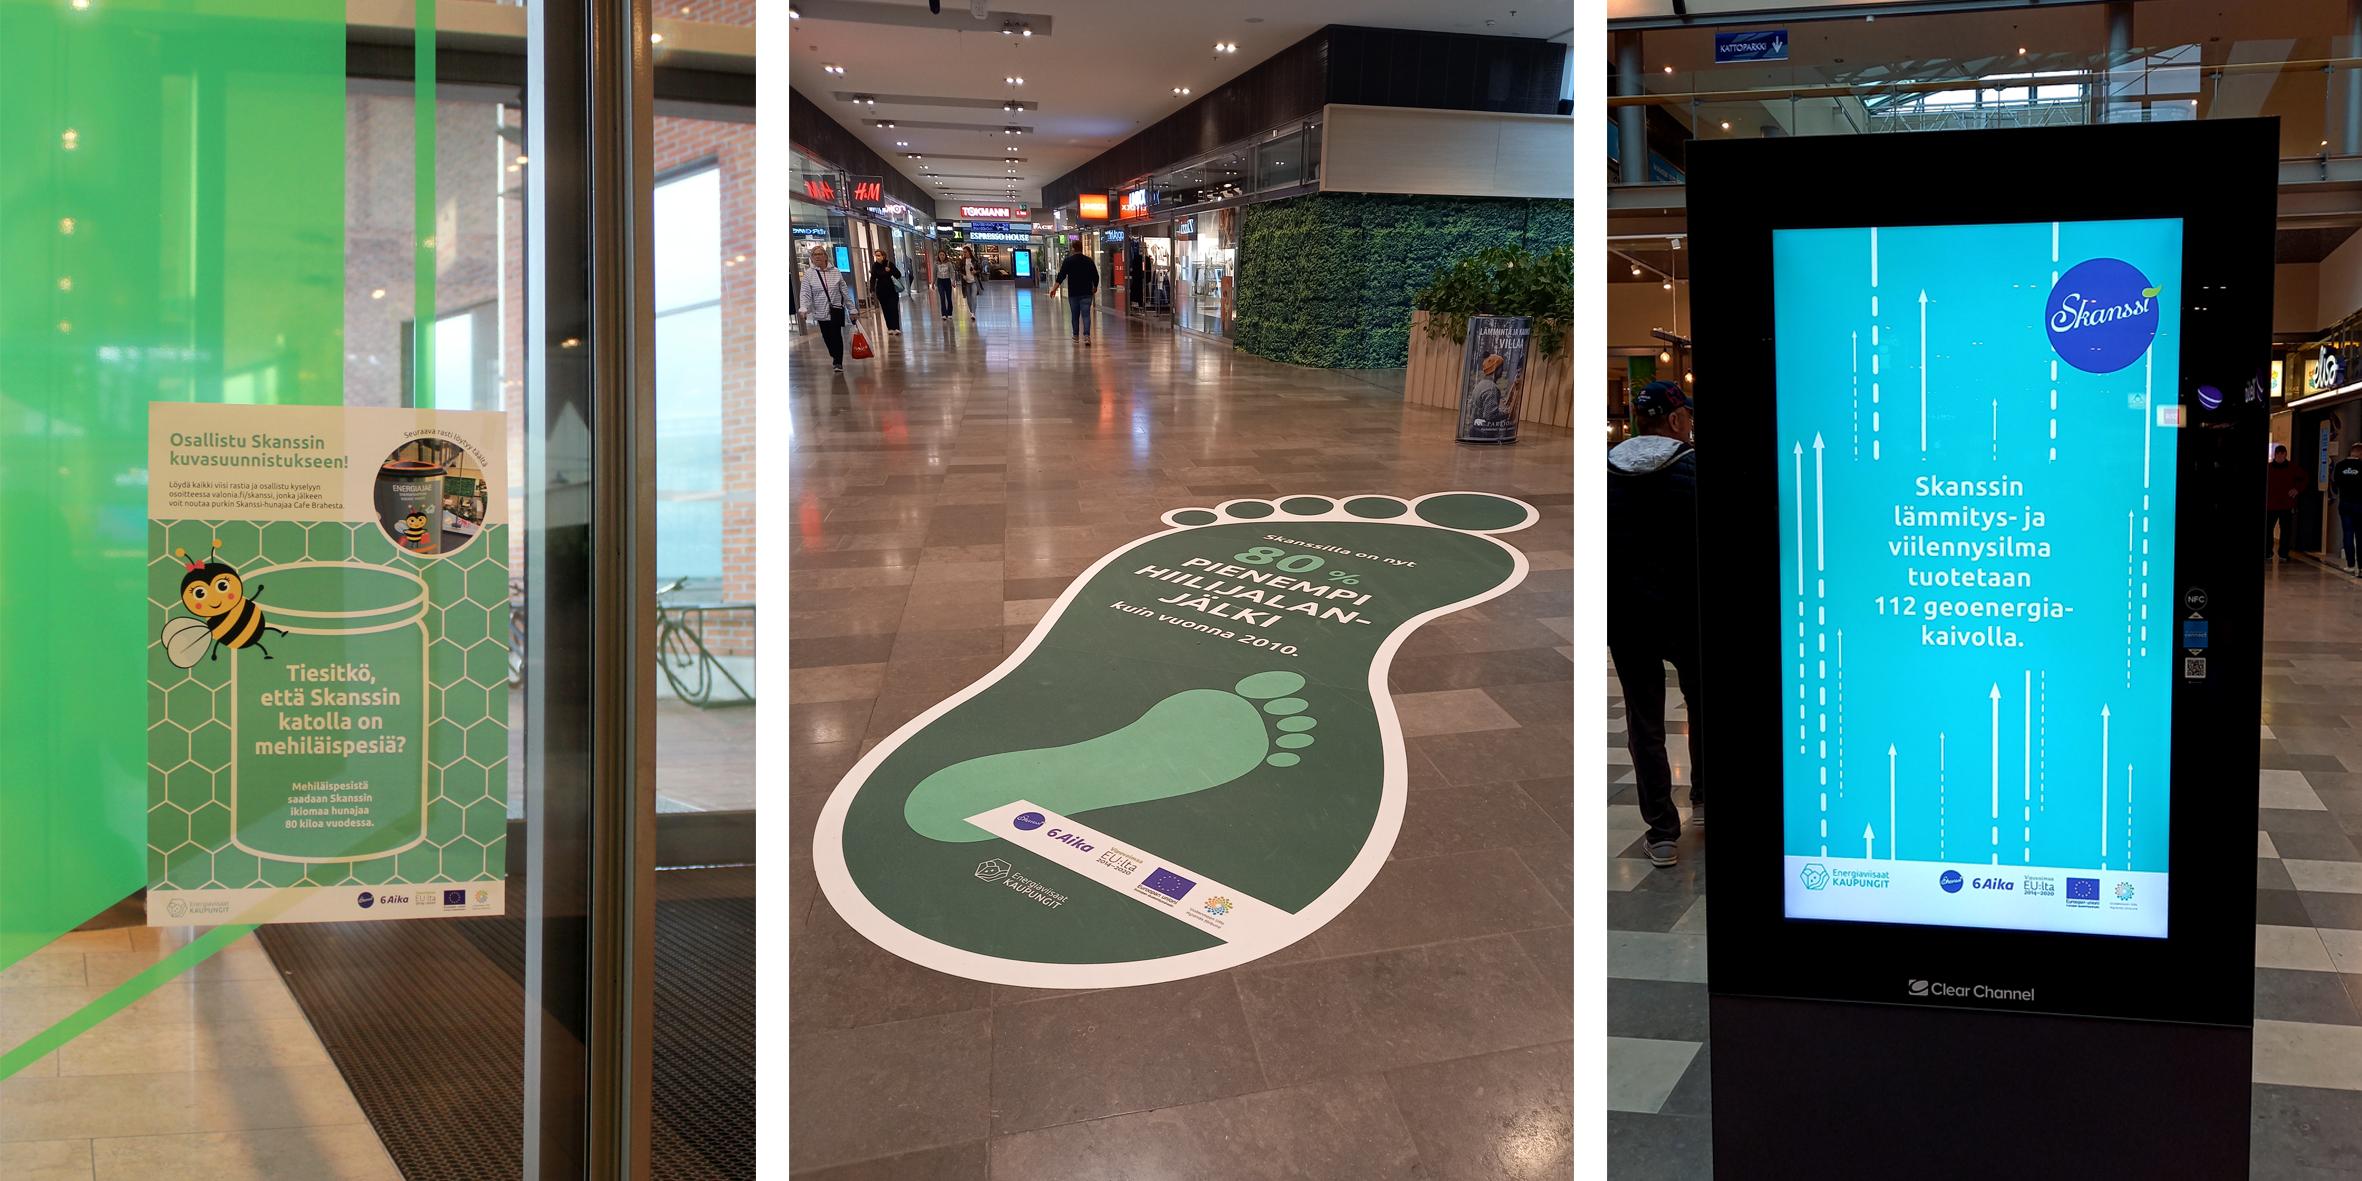 Energiansäästöviikon kampanjassa Skanssin kauppakeskuskuksessa tuotiin energiatekoja näkyville animoinneilla, jalanjälkiprinttauksella ja kuvasuunnistuksella